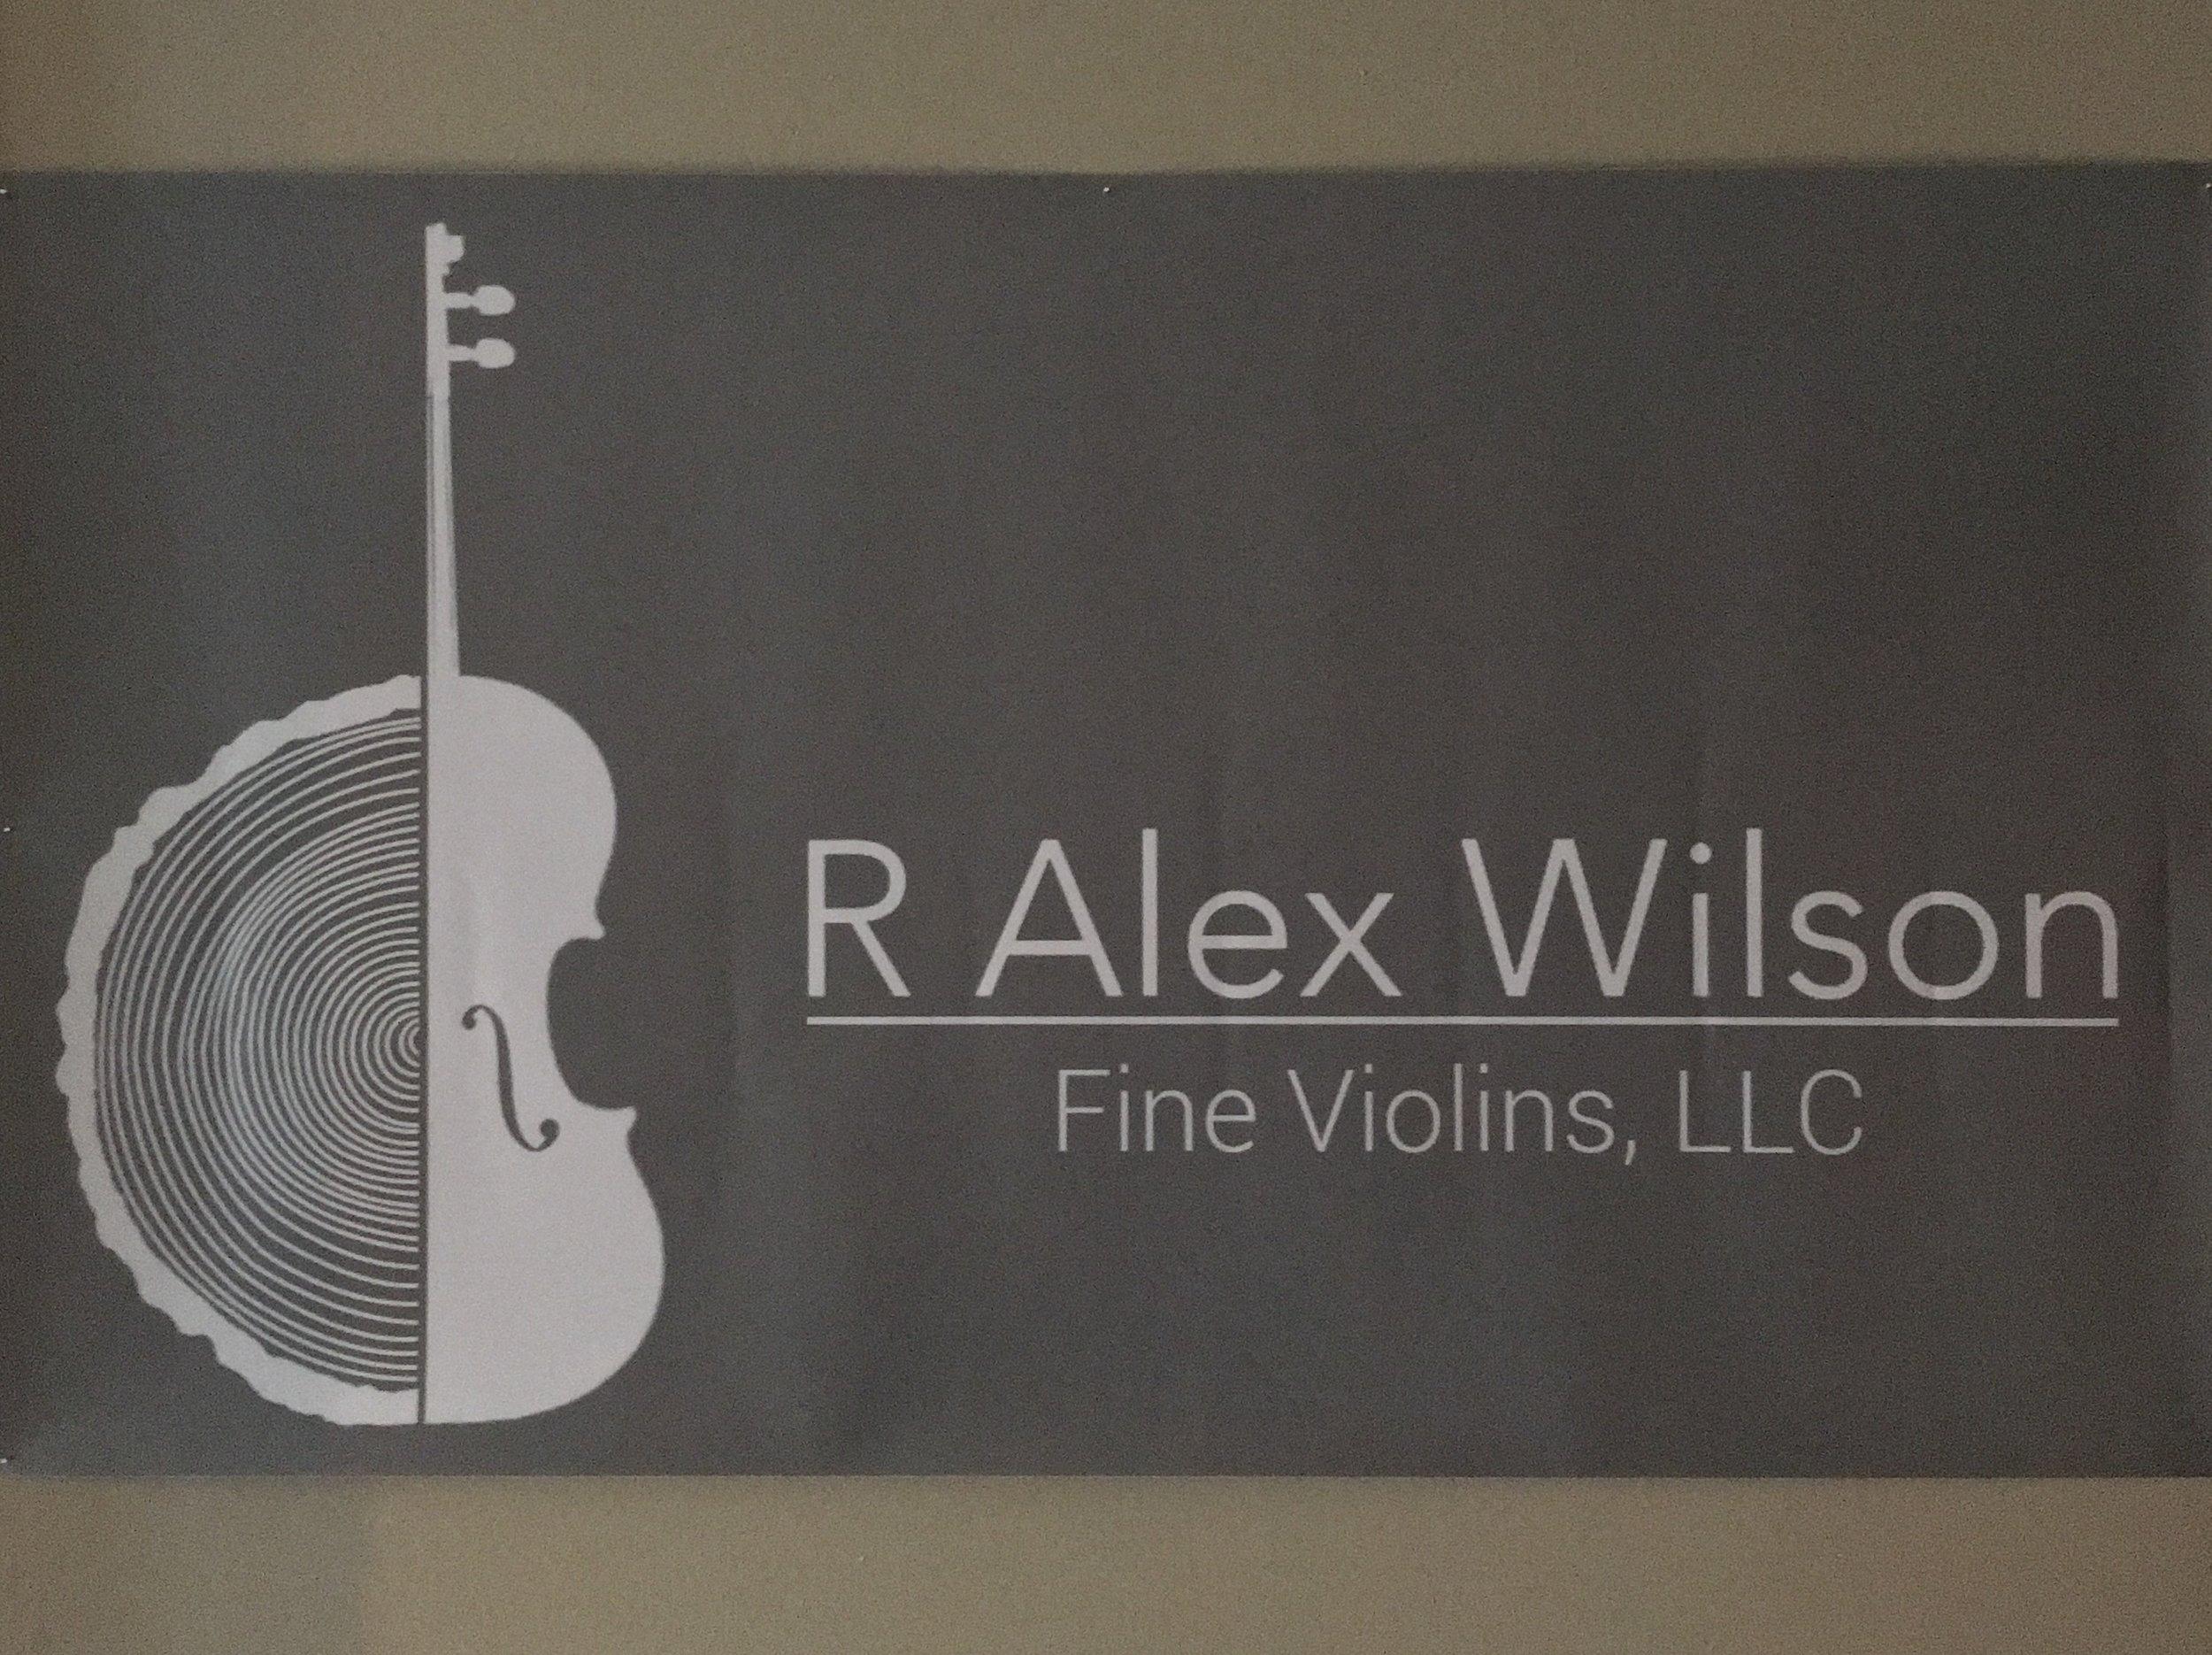 R Alex Wilson Fine Violins.jpg